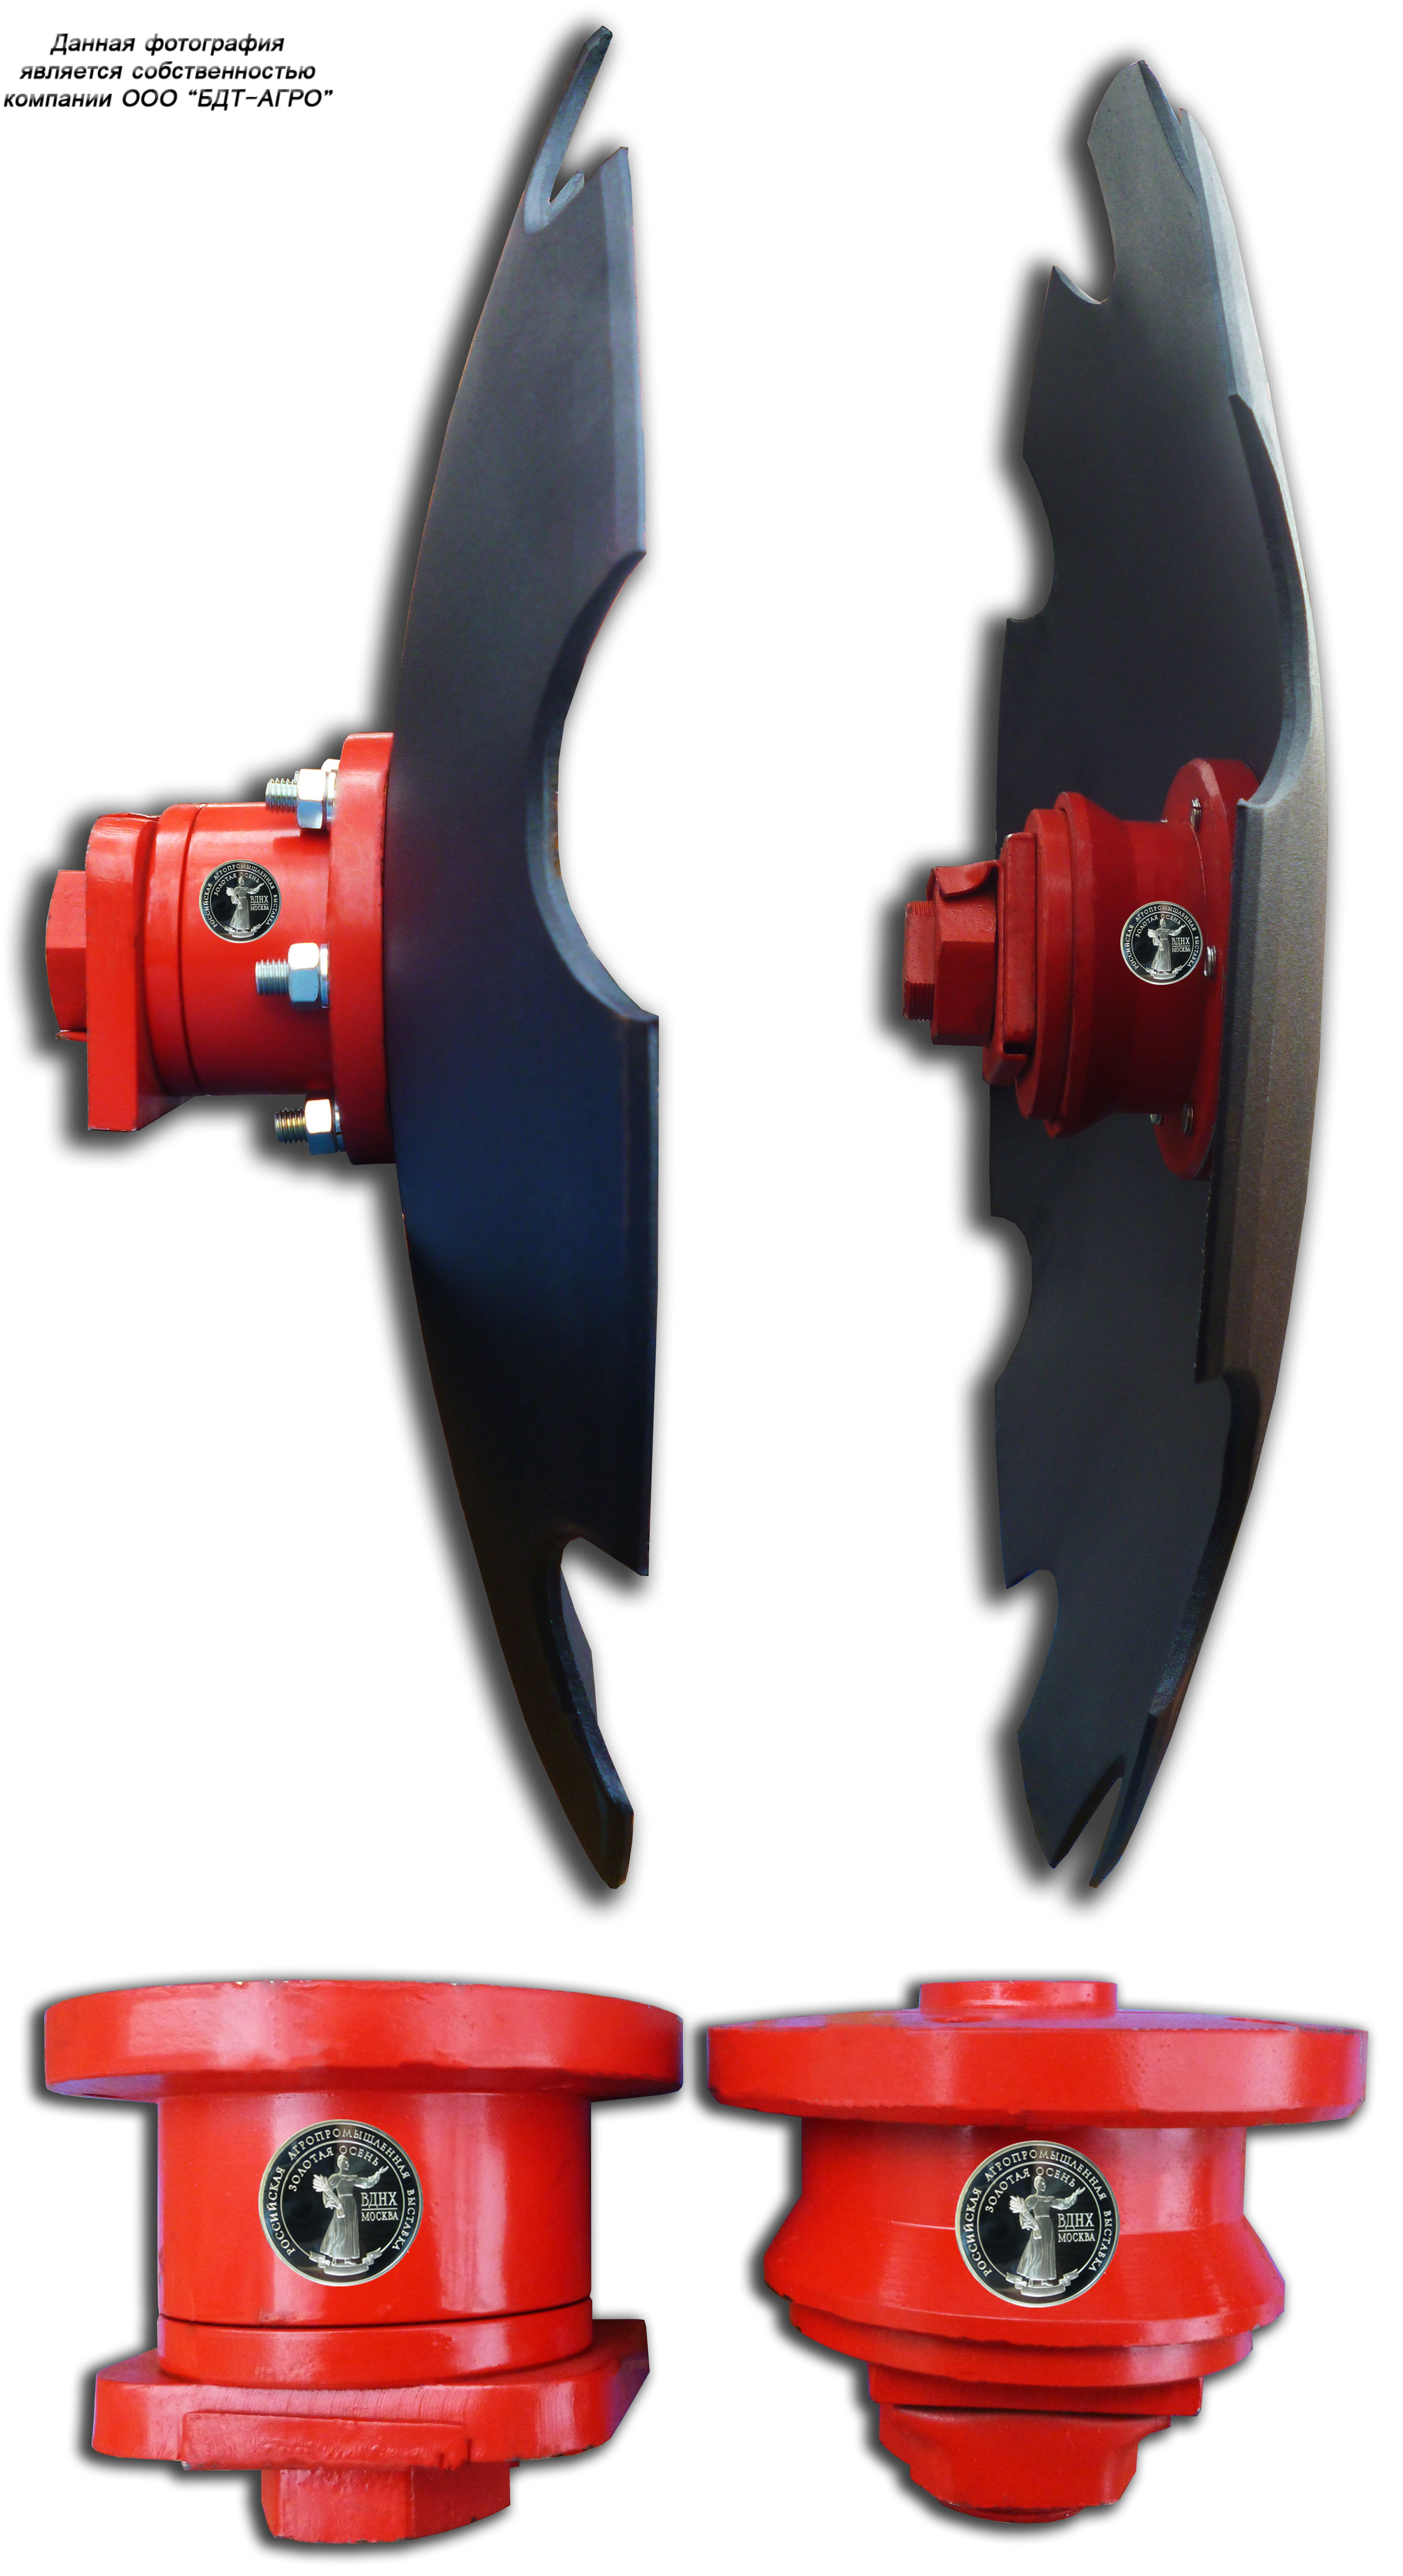 Подшипниковый узел для стойки на эластомерах снаружи сферы диска и внутри сферы диска